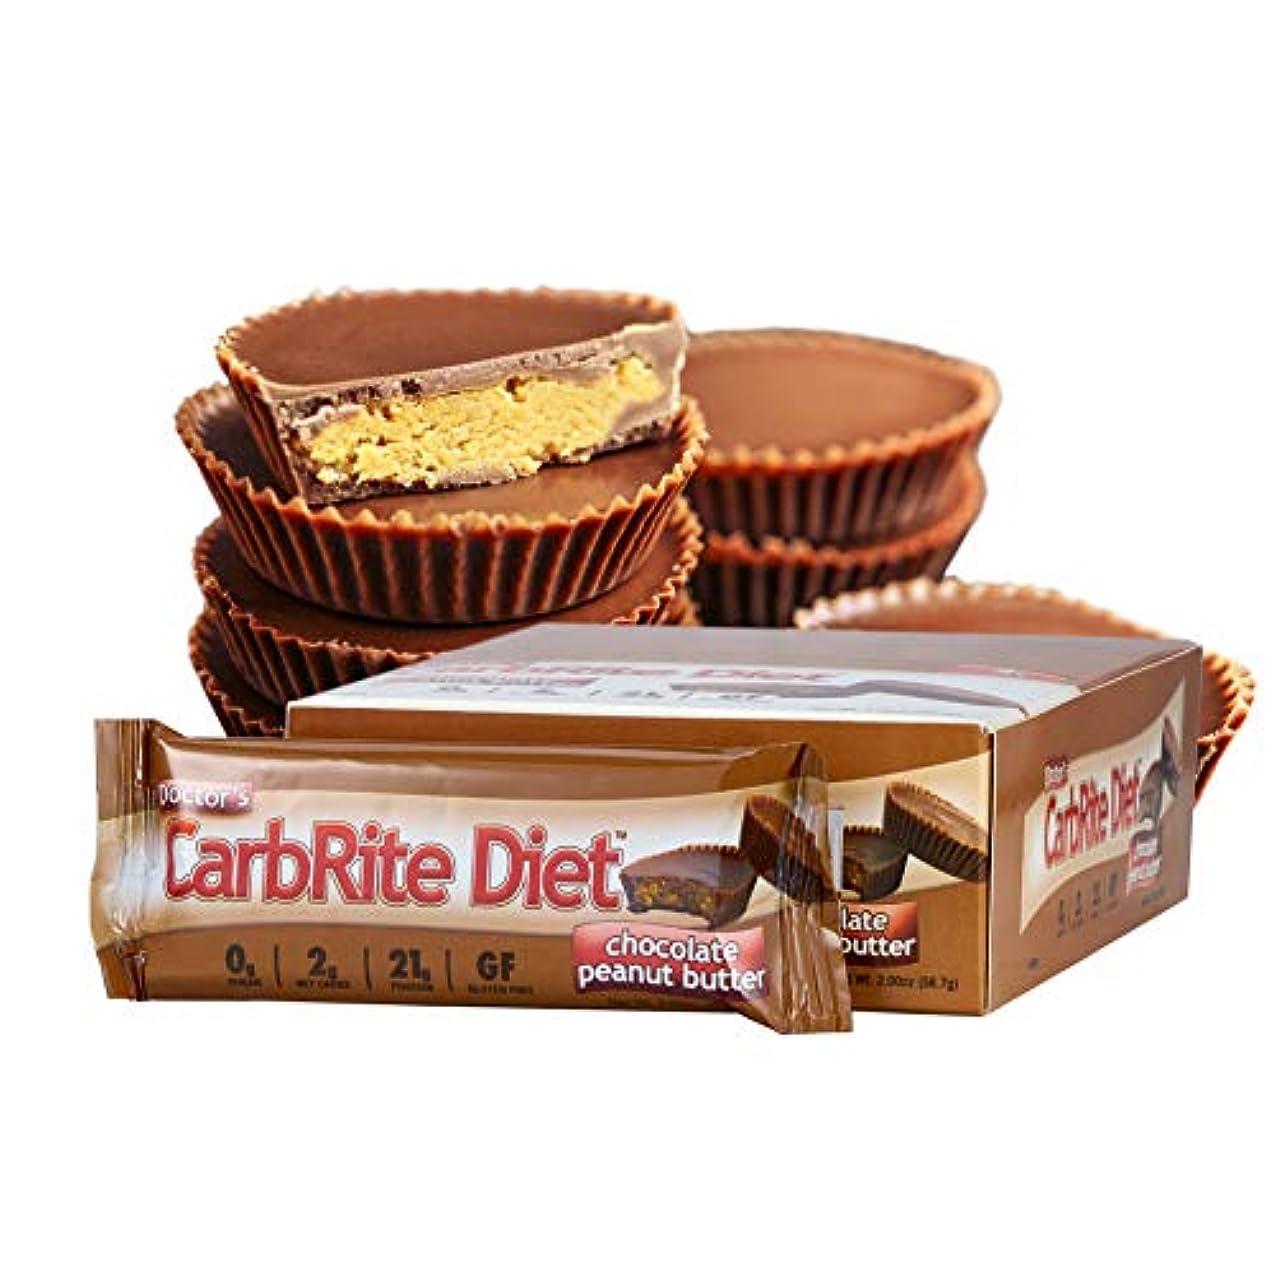 Dr'sダイエット?カーボライト?バー?チョコピーナッツバター 12本